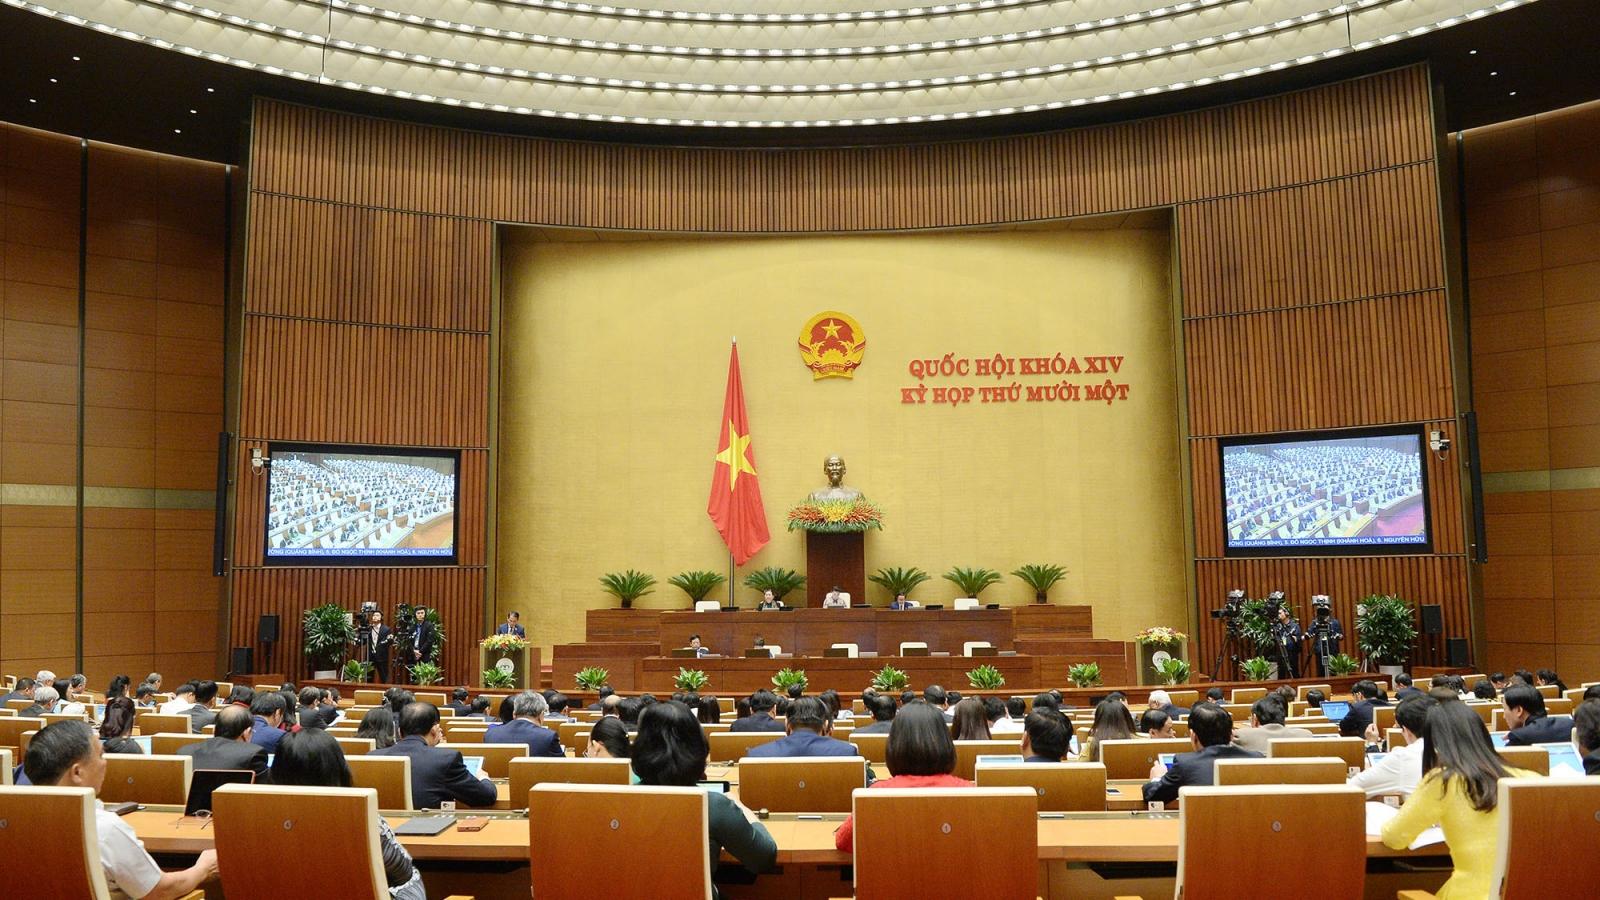 """Đại biểu QH: Ba cơ quan Chủ tịch nước, Quốc hội, Chính phủ đã thực hiện rất """"tròn vai"""""""